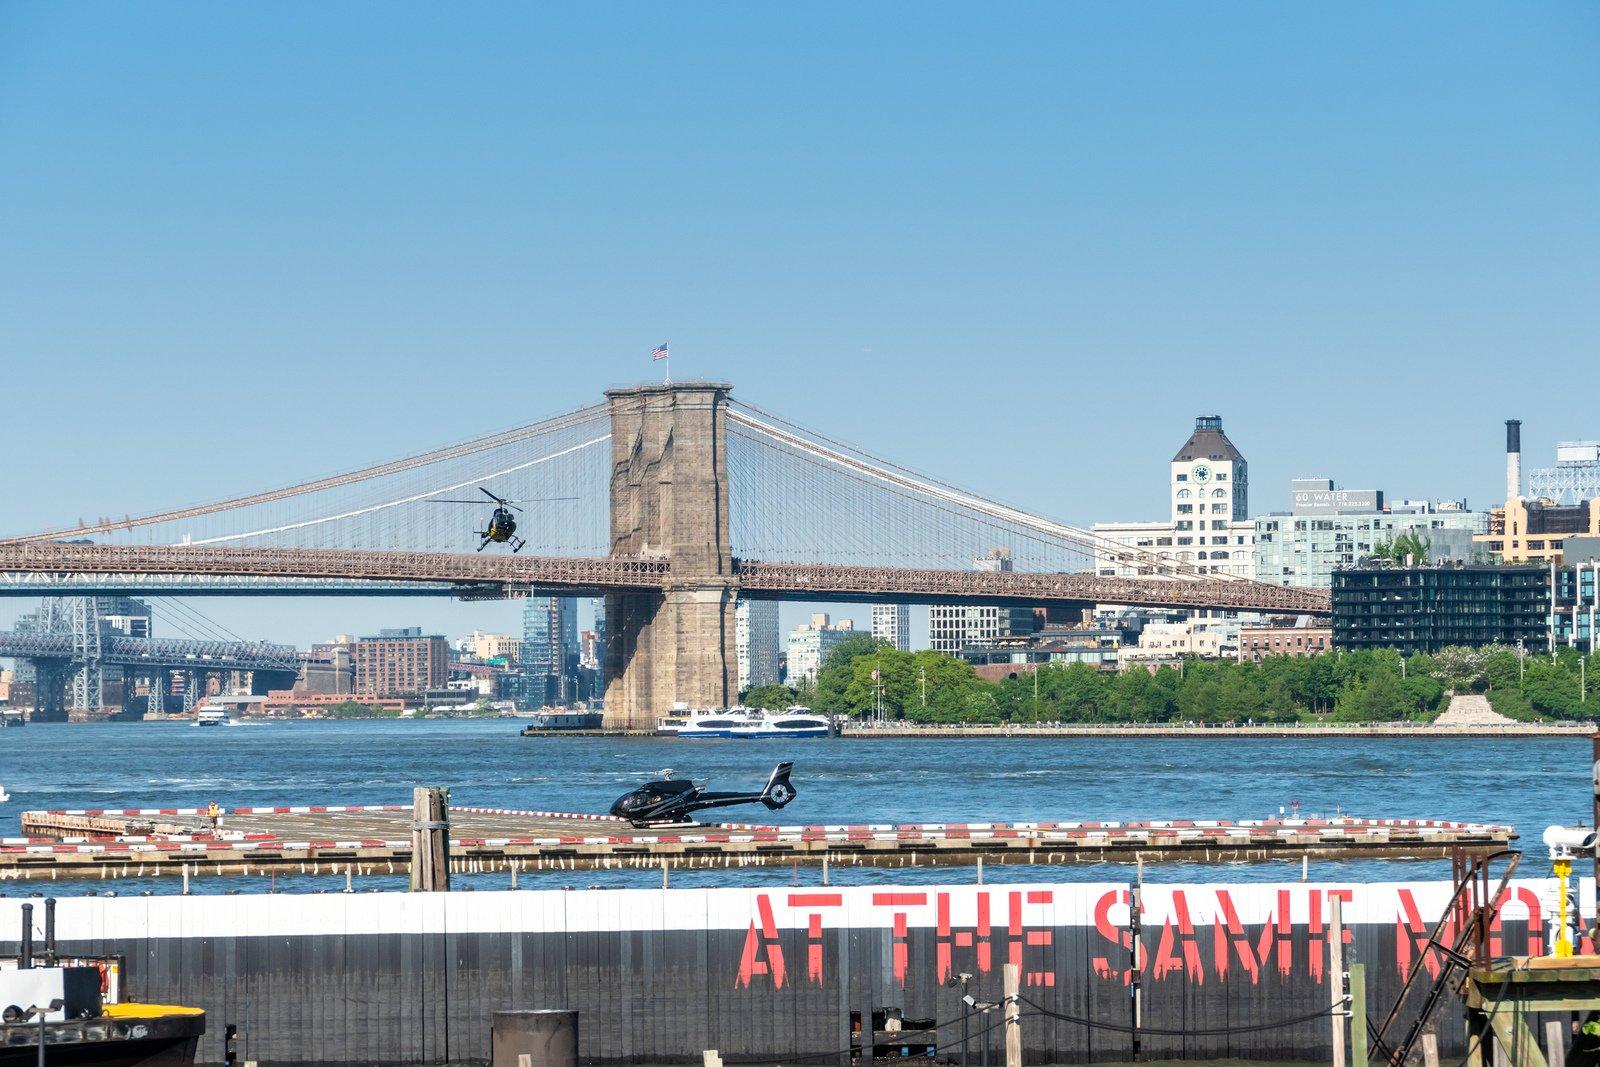 Travis Staten Island, NY Private Investigator